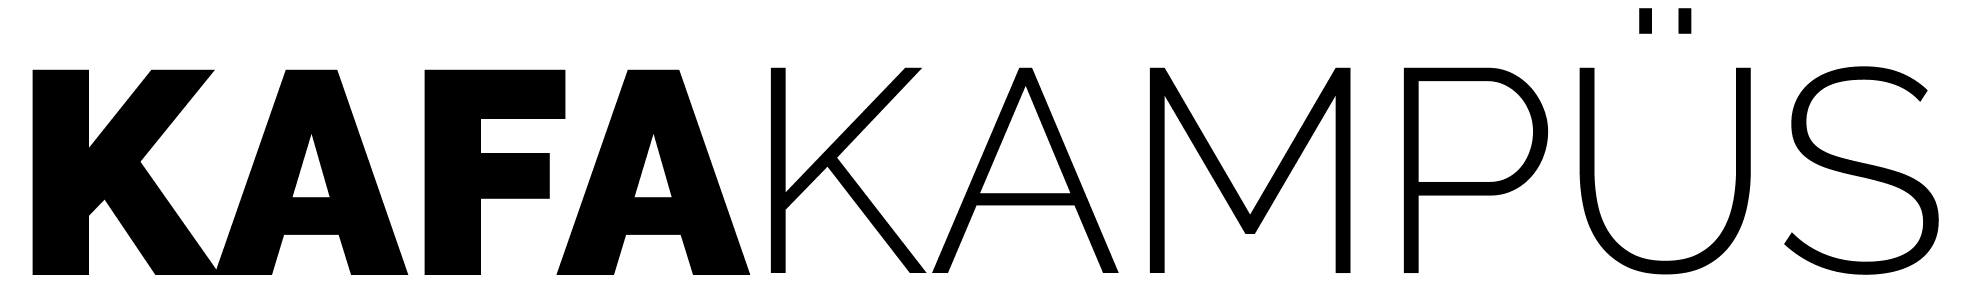 KAFAKAMPÜS